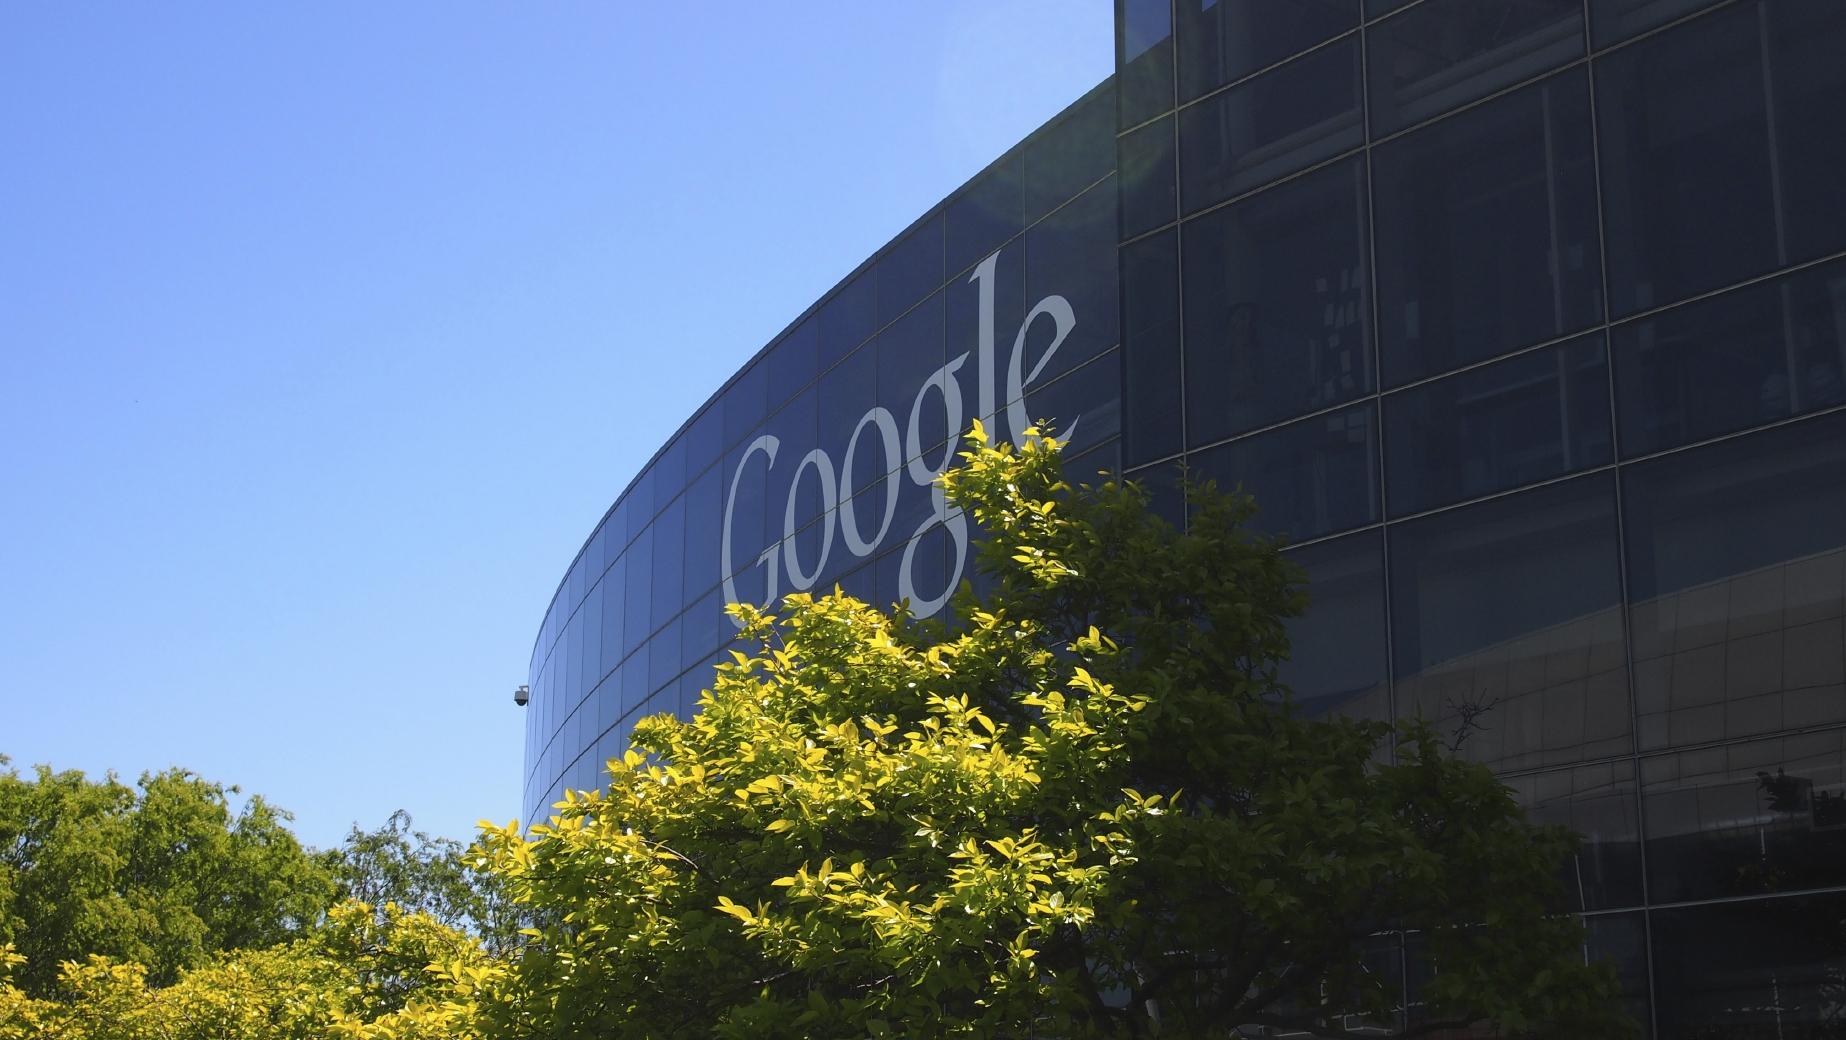 El buscador anunció una importante reestructuración por la que la empresa madre pasará a llamarse Alphabet y Google será una de sus subsidiarias